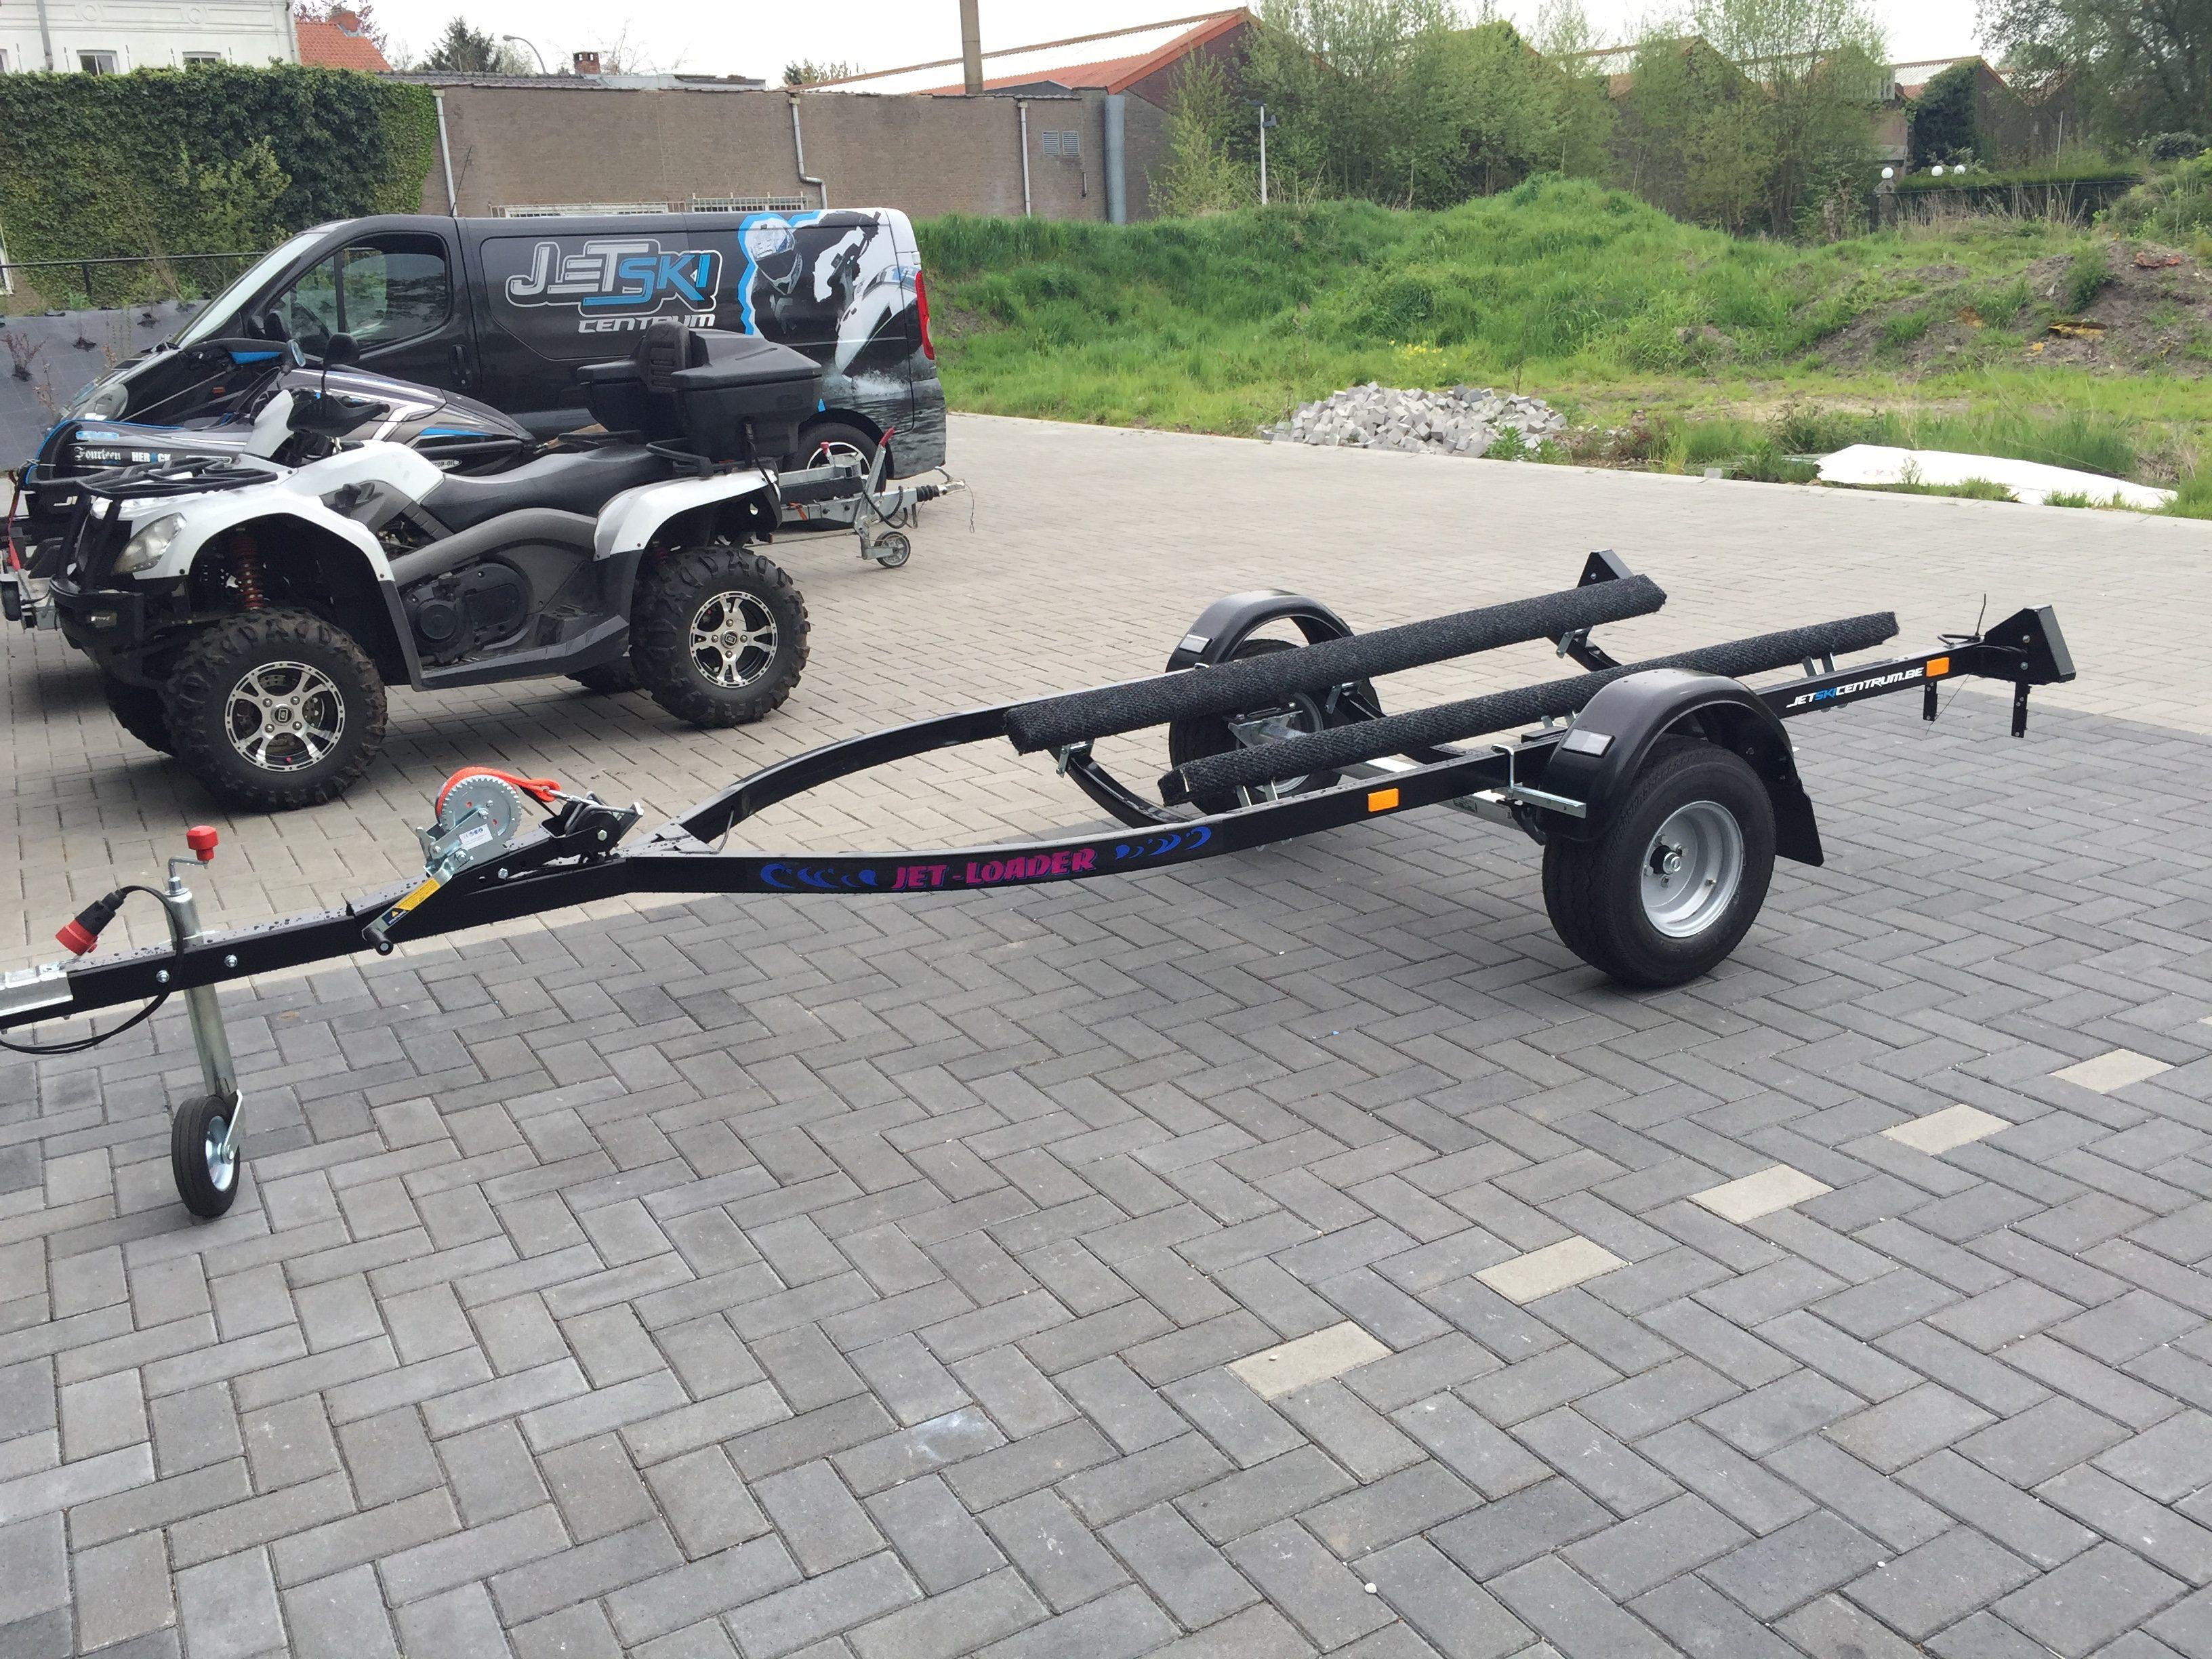 Jet-loader big zwart Image